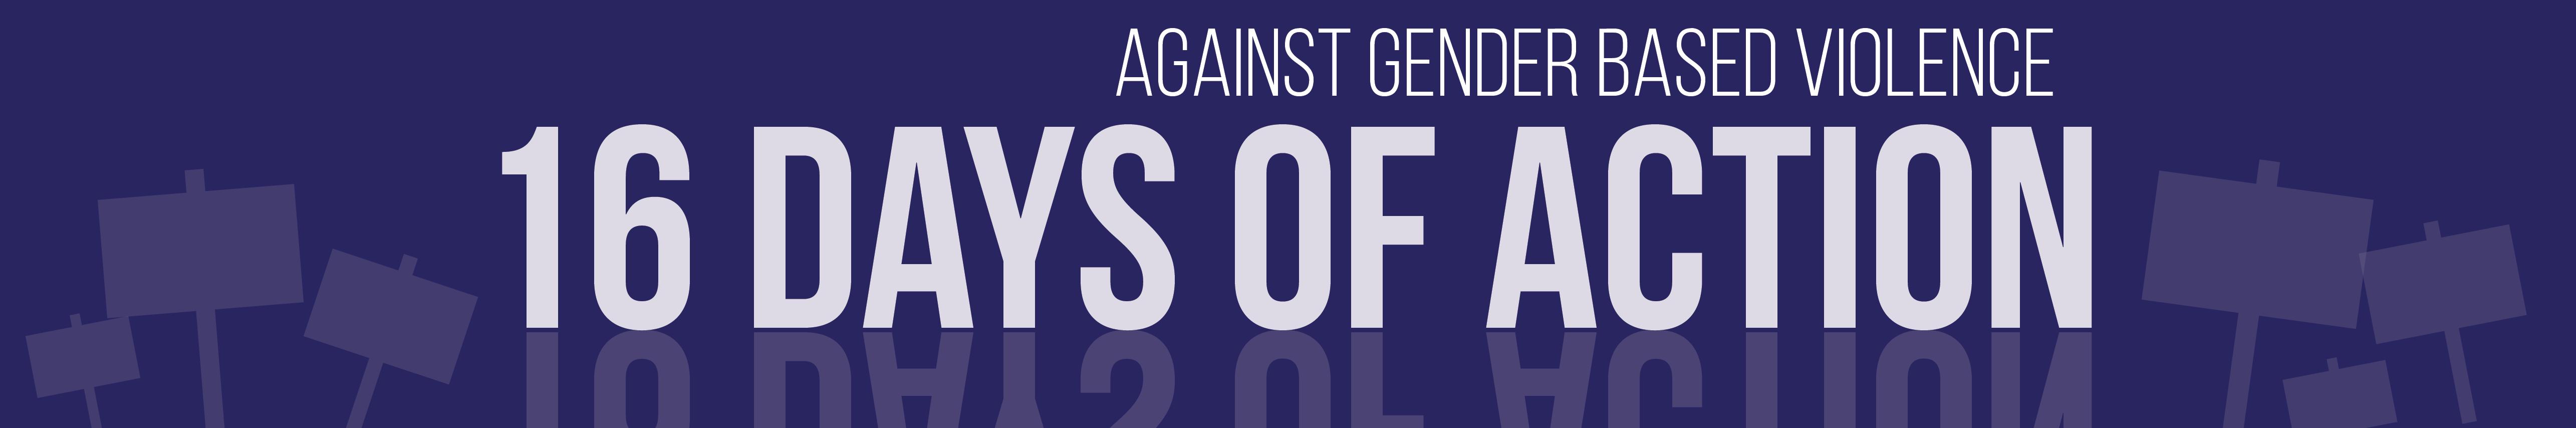 16 Days of Action (against gender based violence).